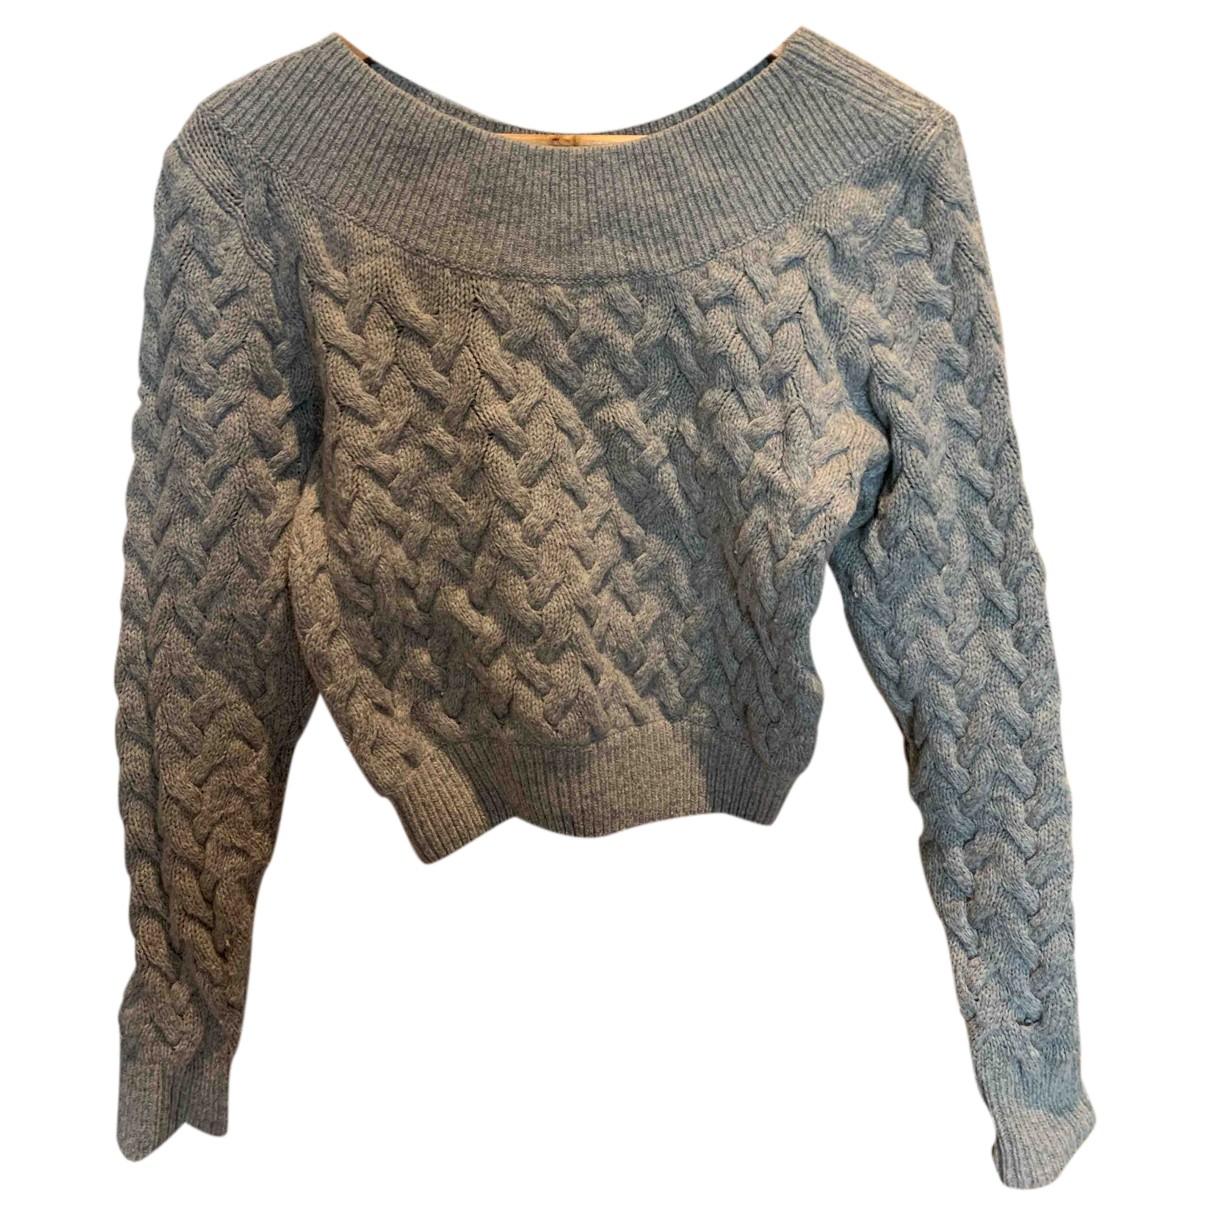 & Other Stories - Pull   pour femme en laine - gris